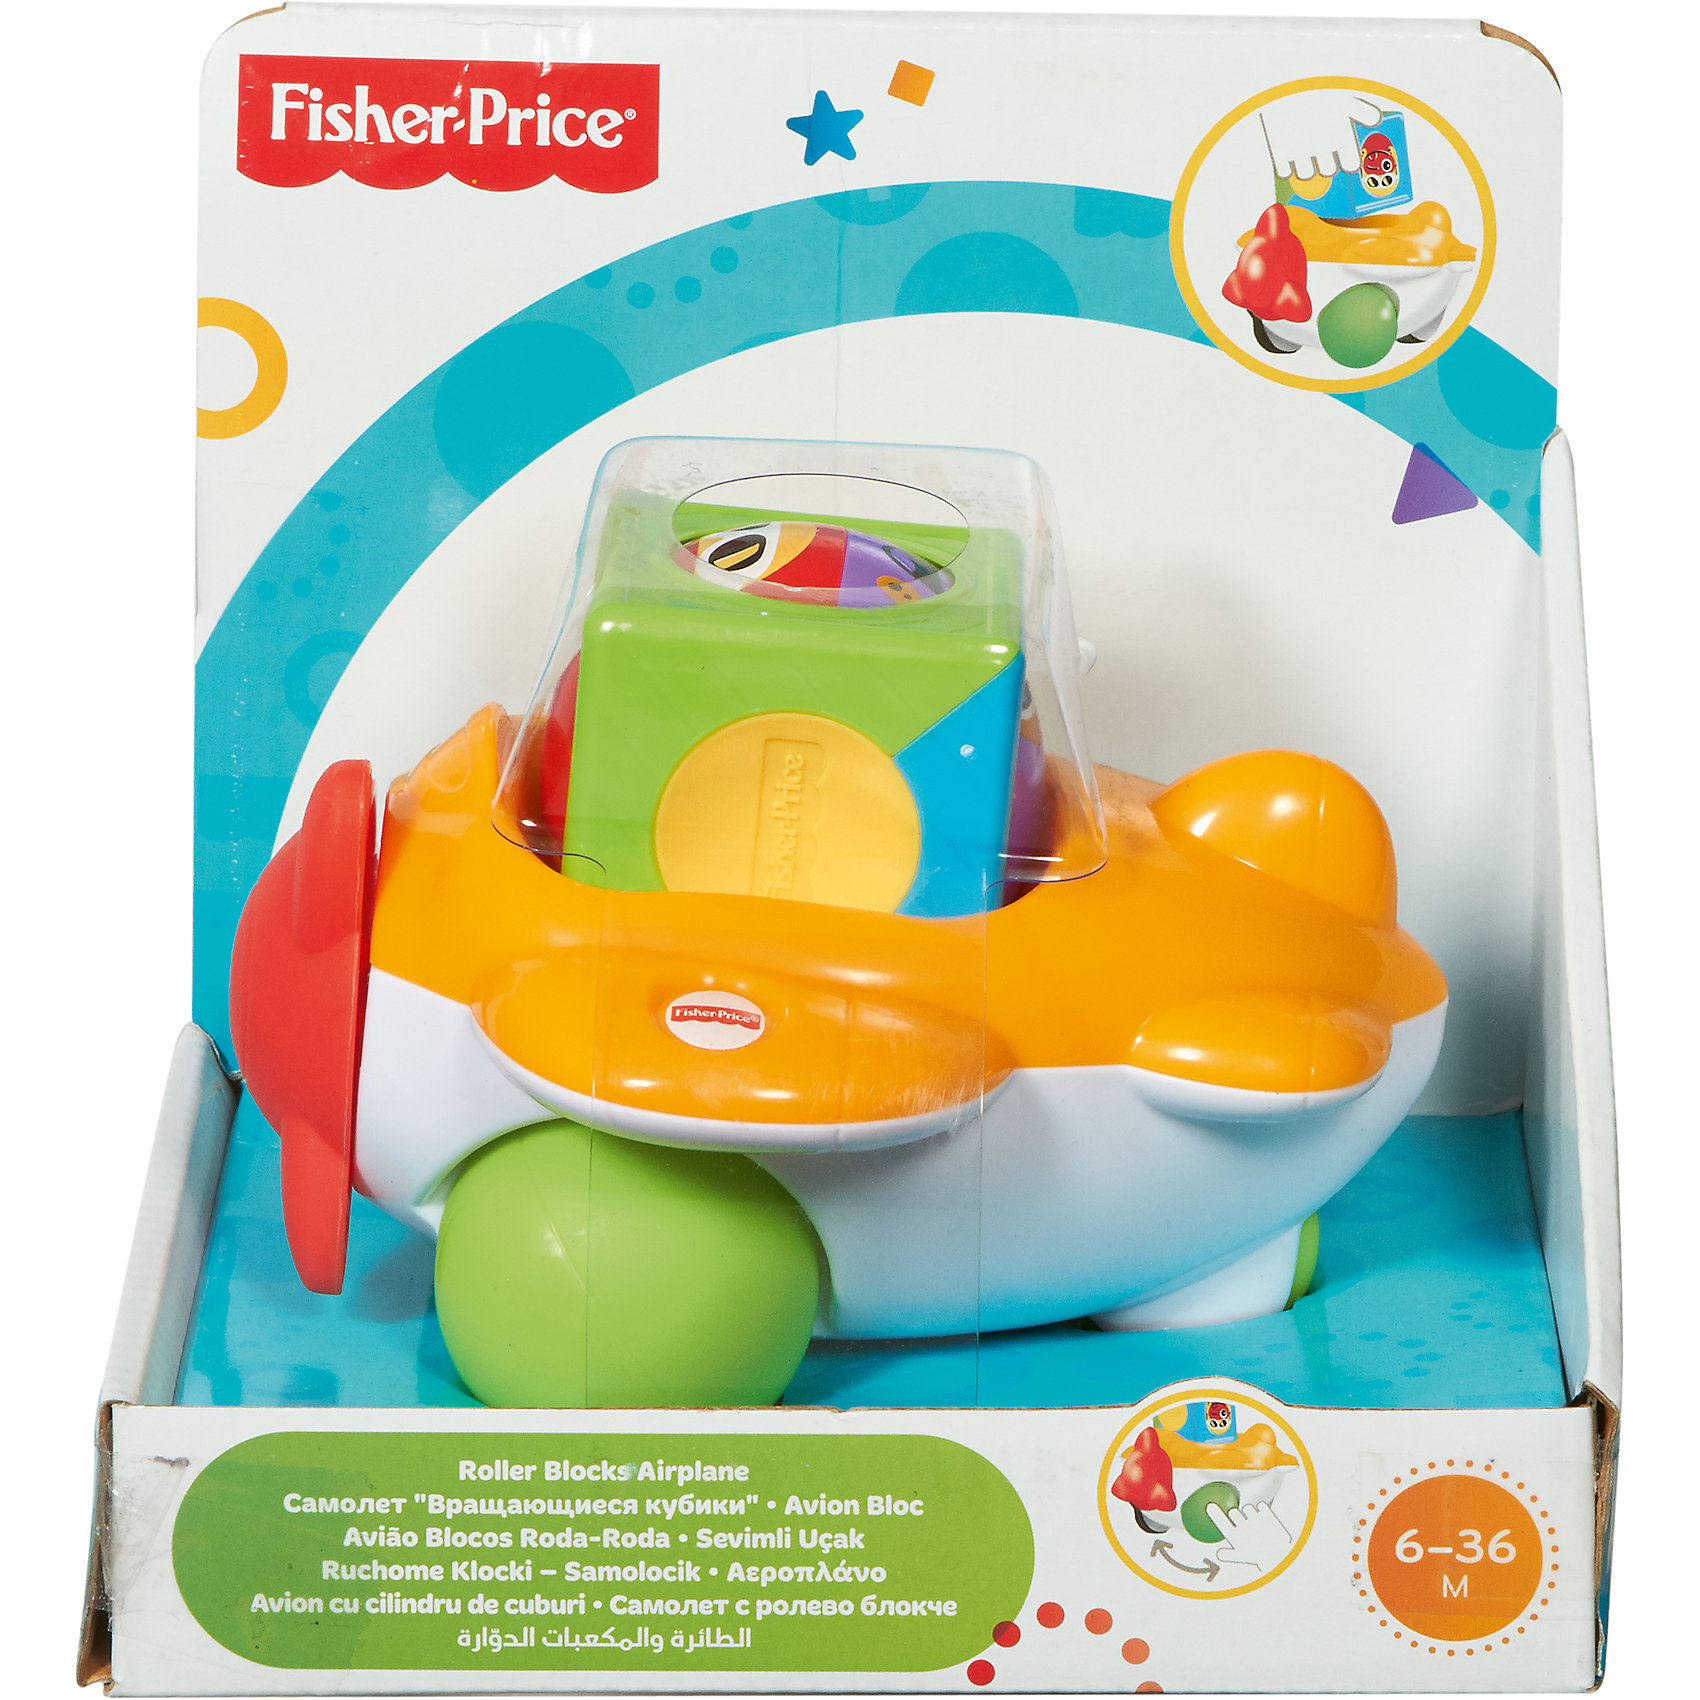 Машинки с волшебными кубиками, Fisher-PriceСимпатичная машинка с волшебными кубиками обязательно понравятся всем малышам. Кубиком с веселыми изображениями можно играть отдельно, а можно положить его в машинку и катать, наблюдая как меняются и мелькают милые рожицы. Размер машинки и кубика специально адаптирован для маленьких детских рук. Игрушка выполнена из высококачественных материалов, не имеет острых углов и мелких деталей, безопасна для малышей. Игры с кубиками развивает мелкую моторику, цветовое восприятие, зрительно-двигательную координацию.<br><br>Дополнительная информация:<br><br>- Материал: пластик.<br>- Размер машинки: 13, 5 см.<br>- Колеса крутятся.<br>- Цвет: розовый.<br><br>Машинку с волшебными кубиками, Fisher-Price (Фишер-Прайс) можно купить в нашем магазине.<br><br>Ширина мм: 165<br>Глубина мм: 125<br>Высота мм: 165<br>Вес г: 450<br>Возраст от месяцев: 6<br>Возраст до месяцев: 36<br>Пол: Унисекс<br>Возраст: Детский<br>SKU: 4023709